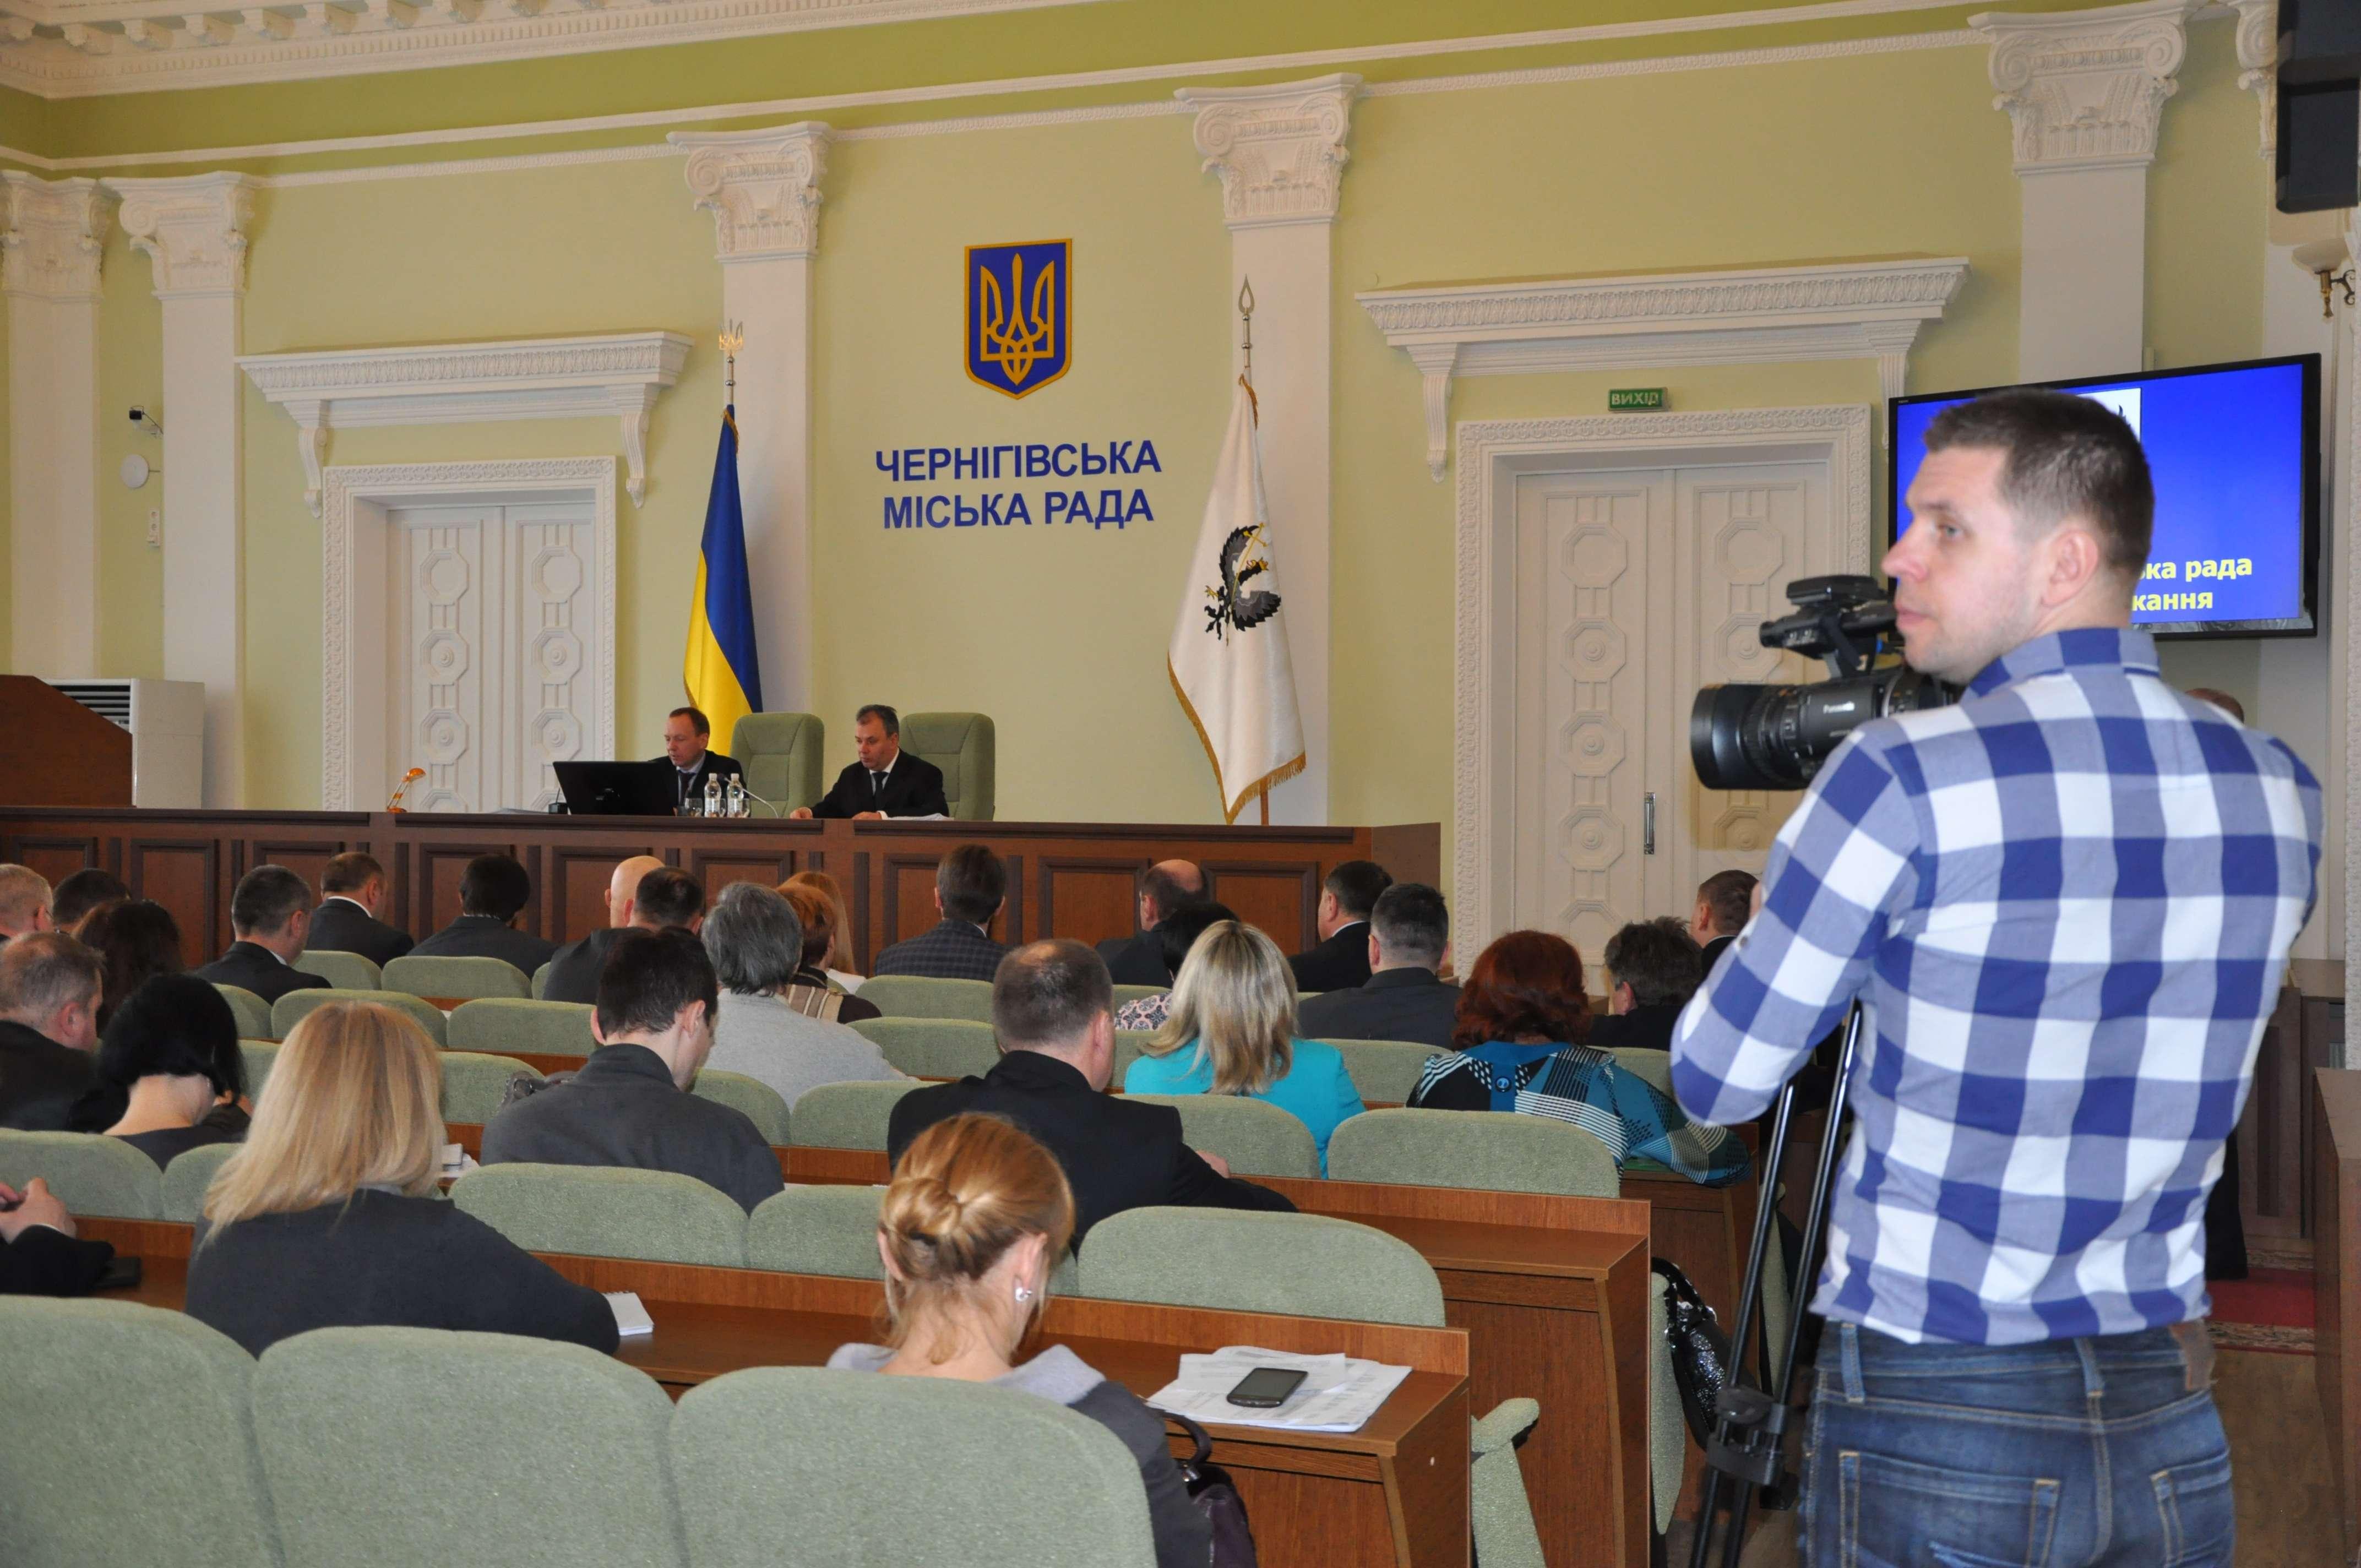 За роботою депутатів пильно стежать як ЗМІ так і громада Чернігова